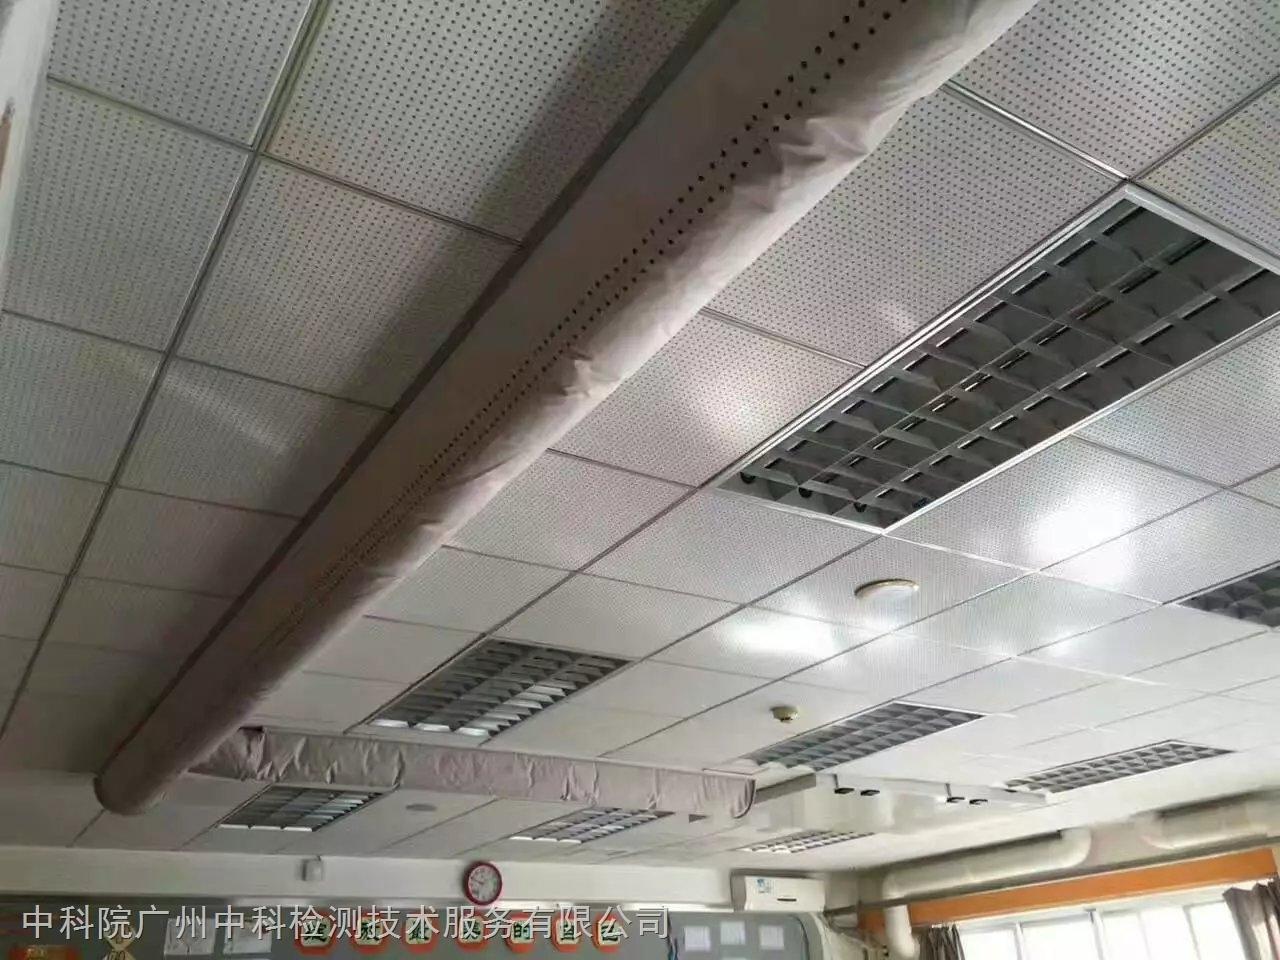 公共场所空气检测